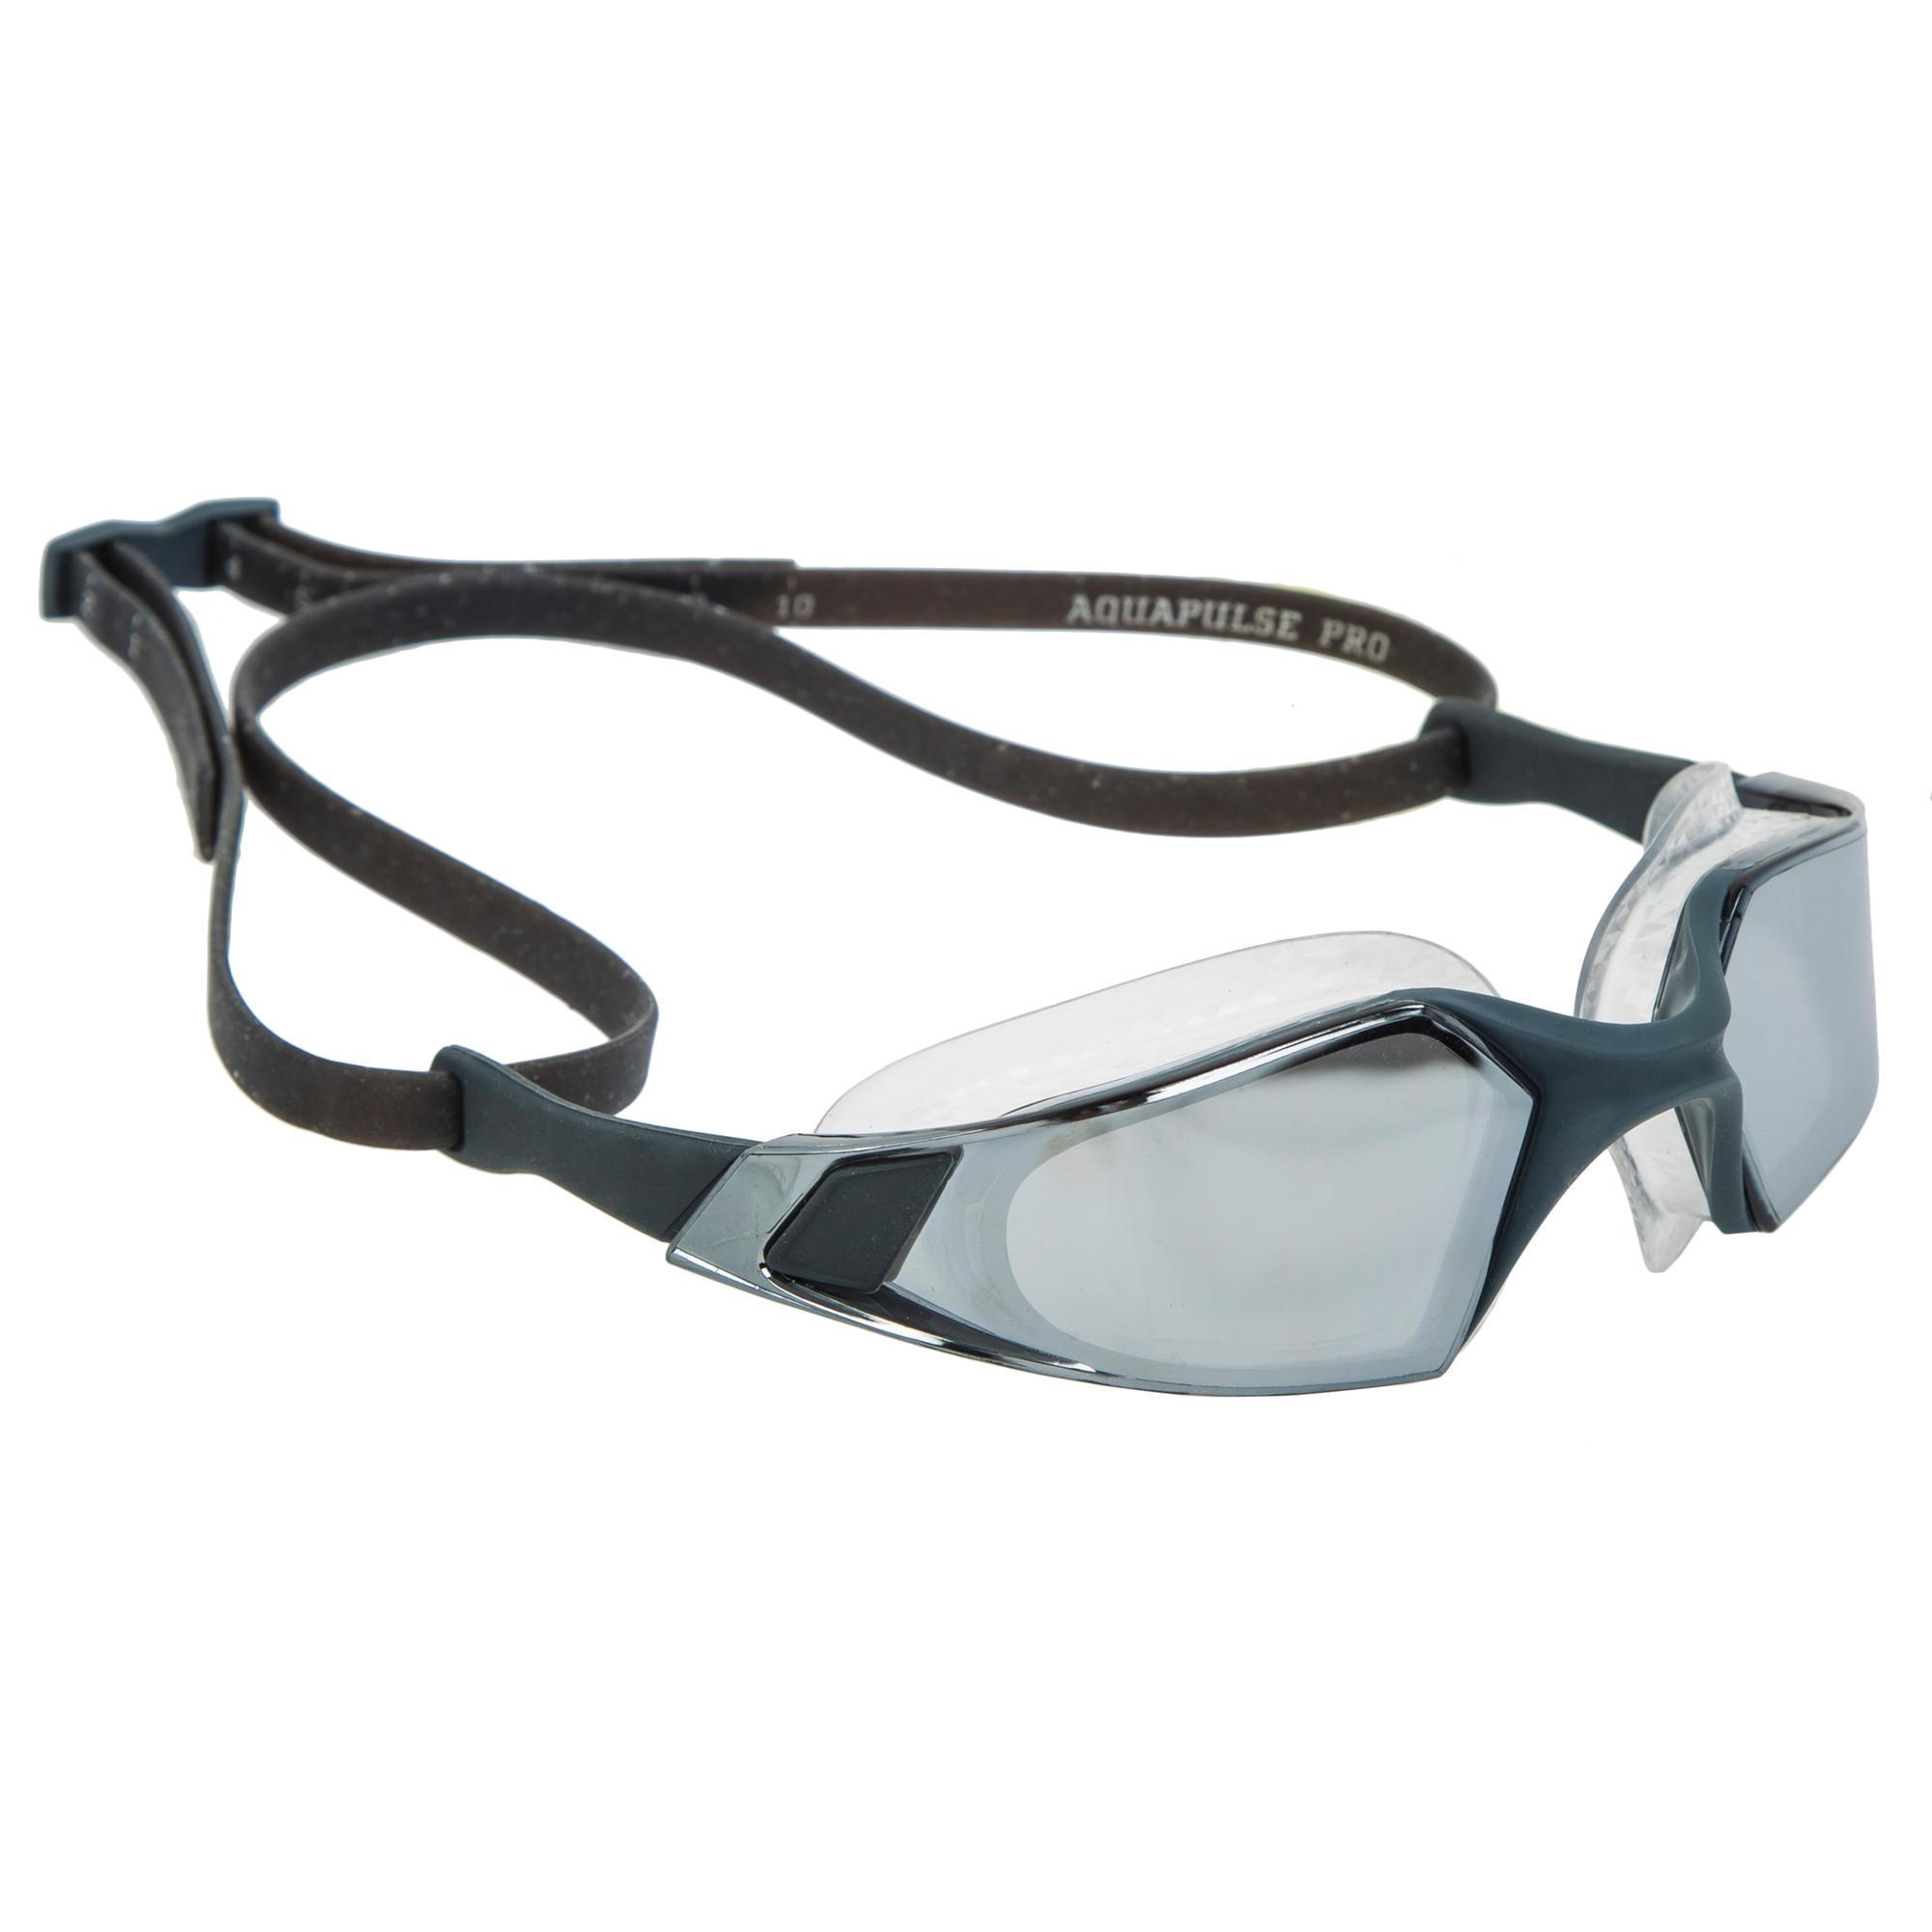 (Decathlon) Speedo Schwimmbrille Aquapulse Pro verspiegelt